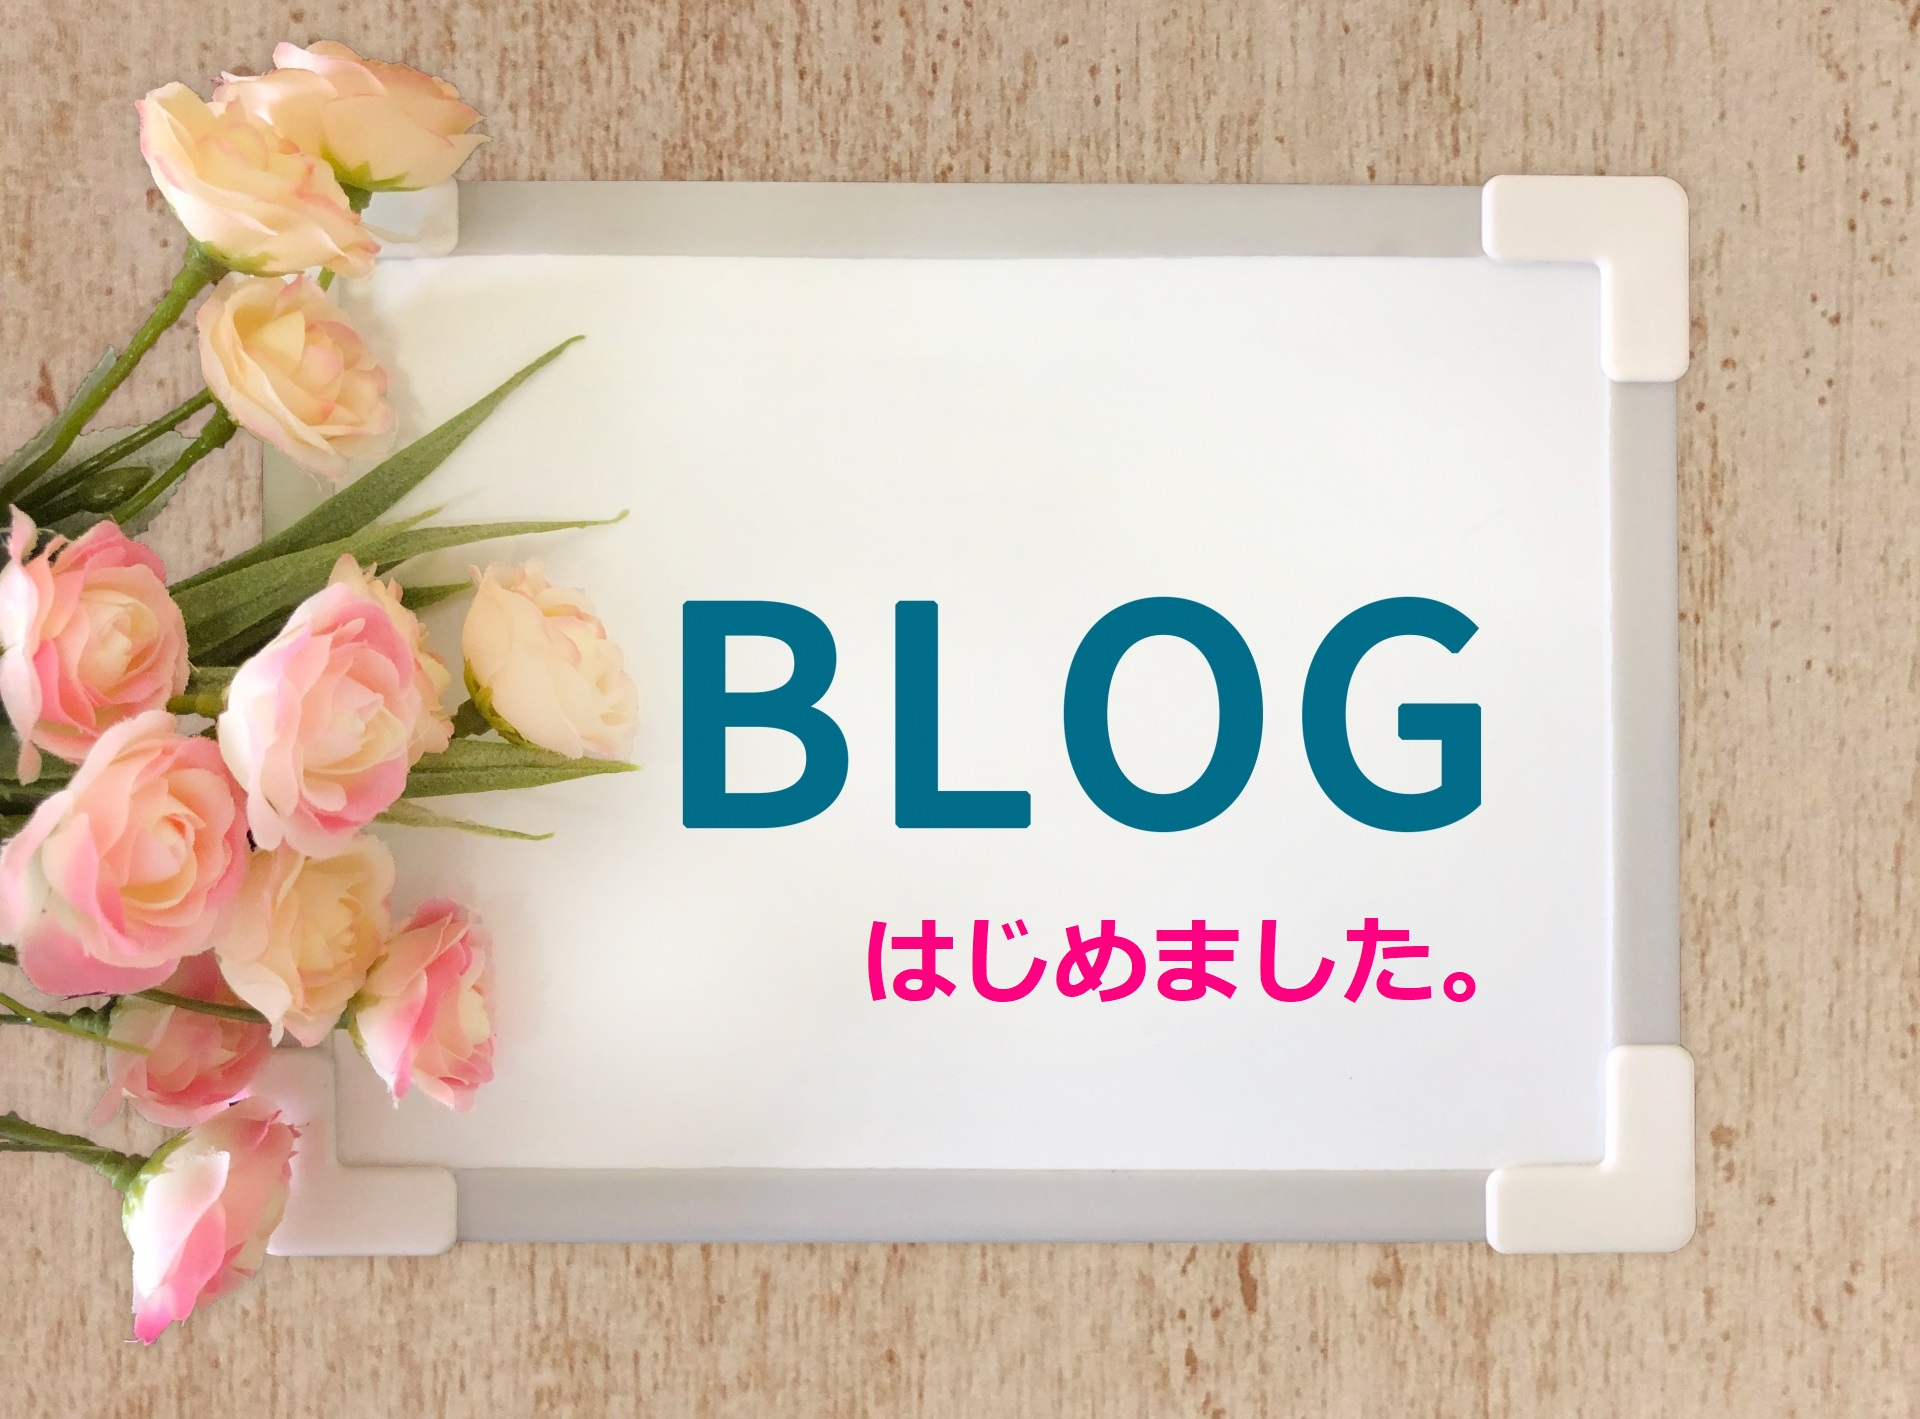 ブログはじめました。親切なお花屋さん(開店祝い.com)